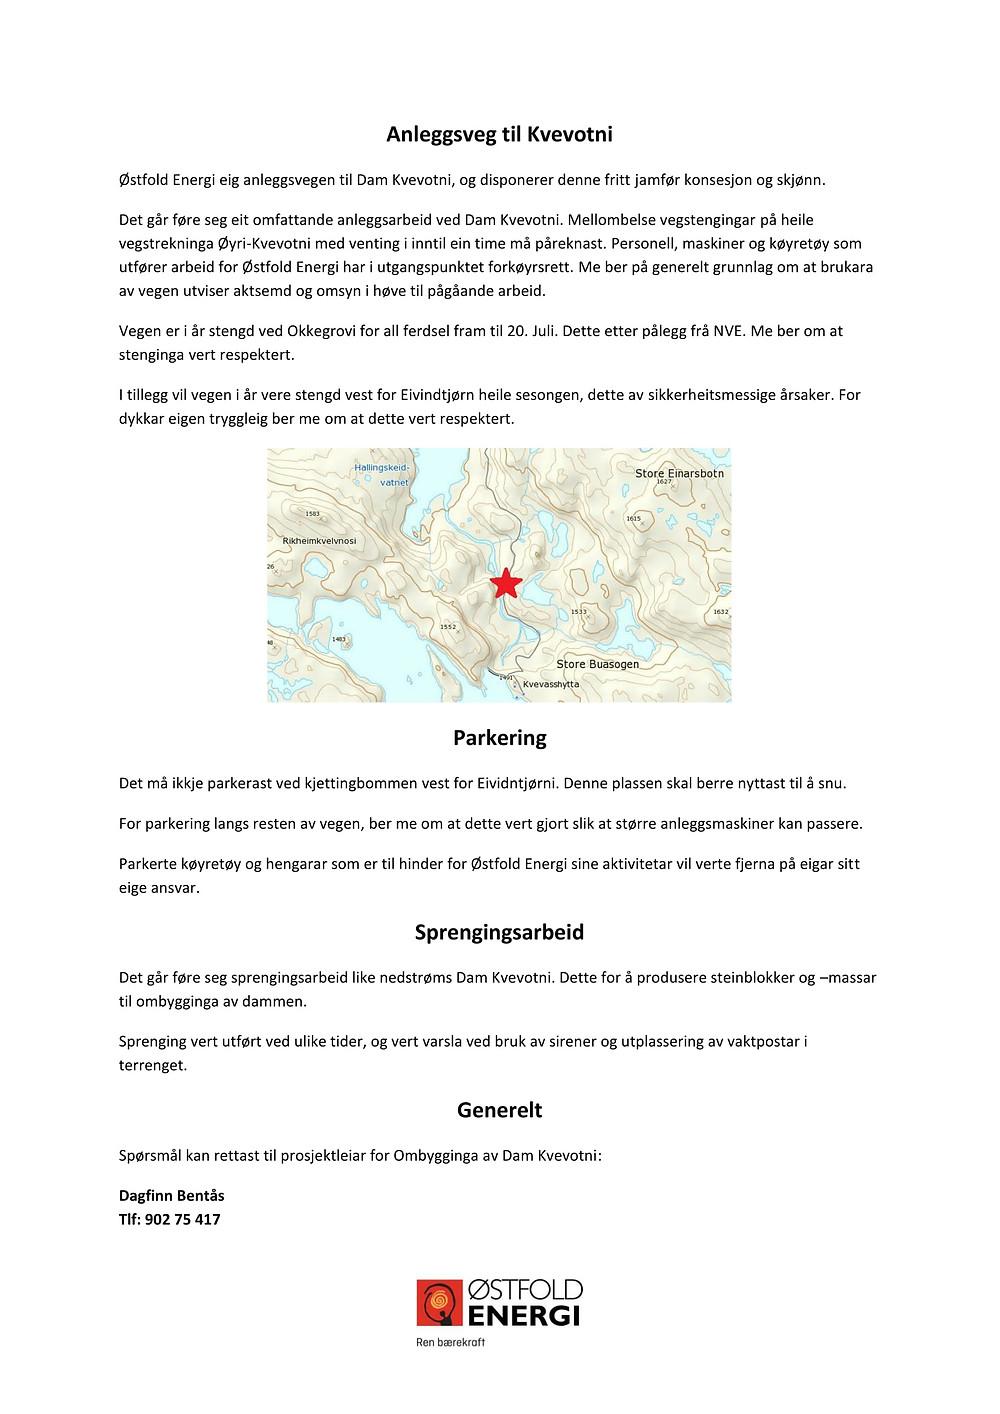 Rundskriv om anleggsvegen til Kvevotni 2017